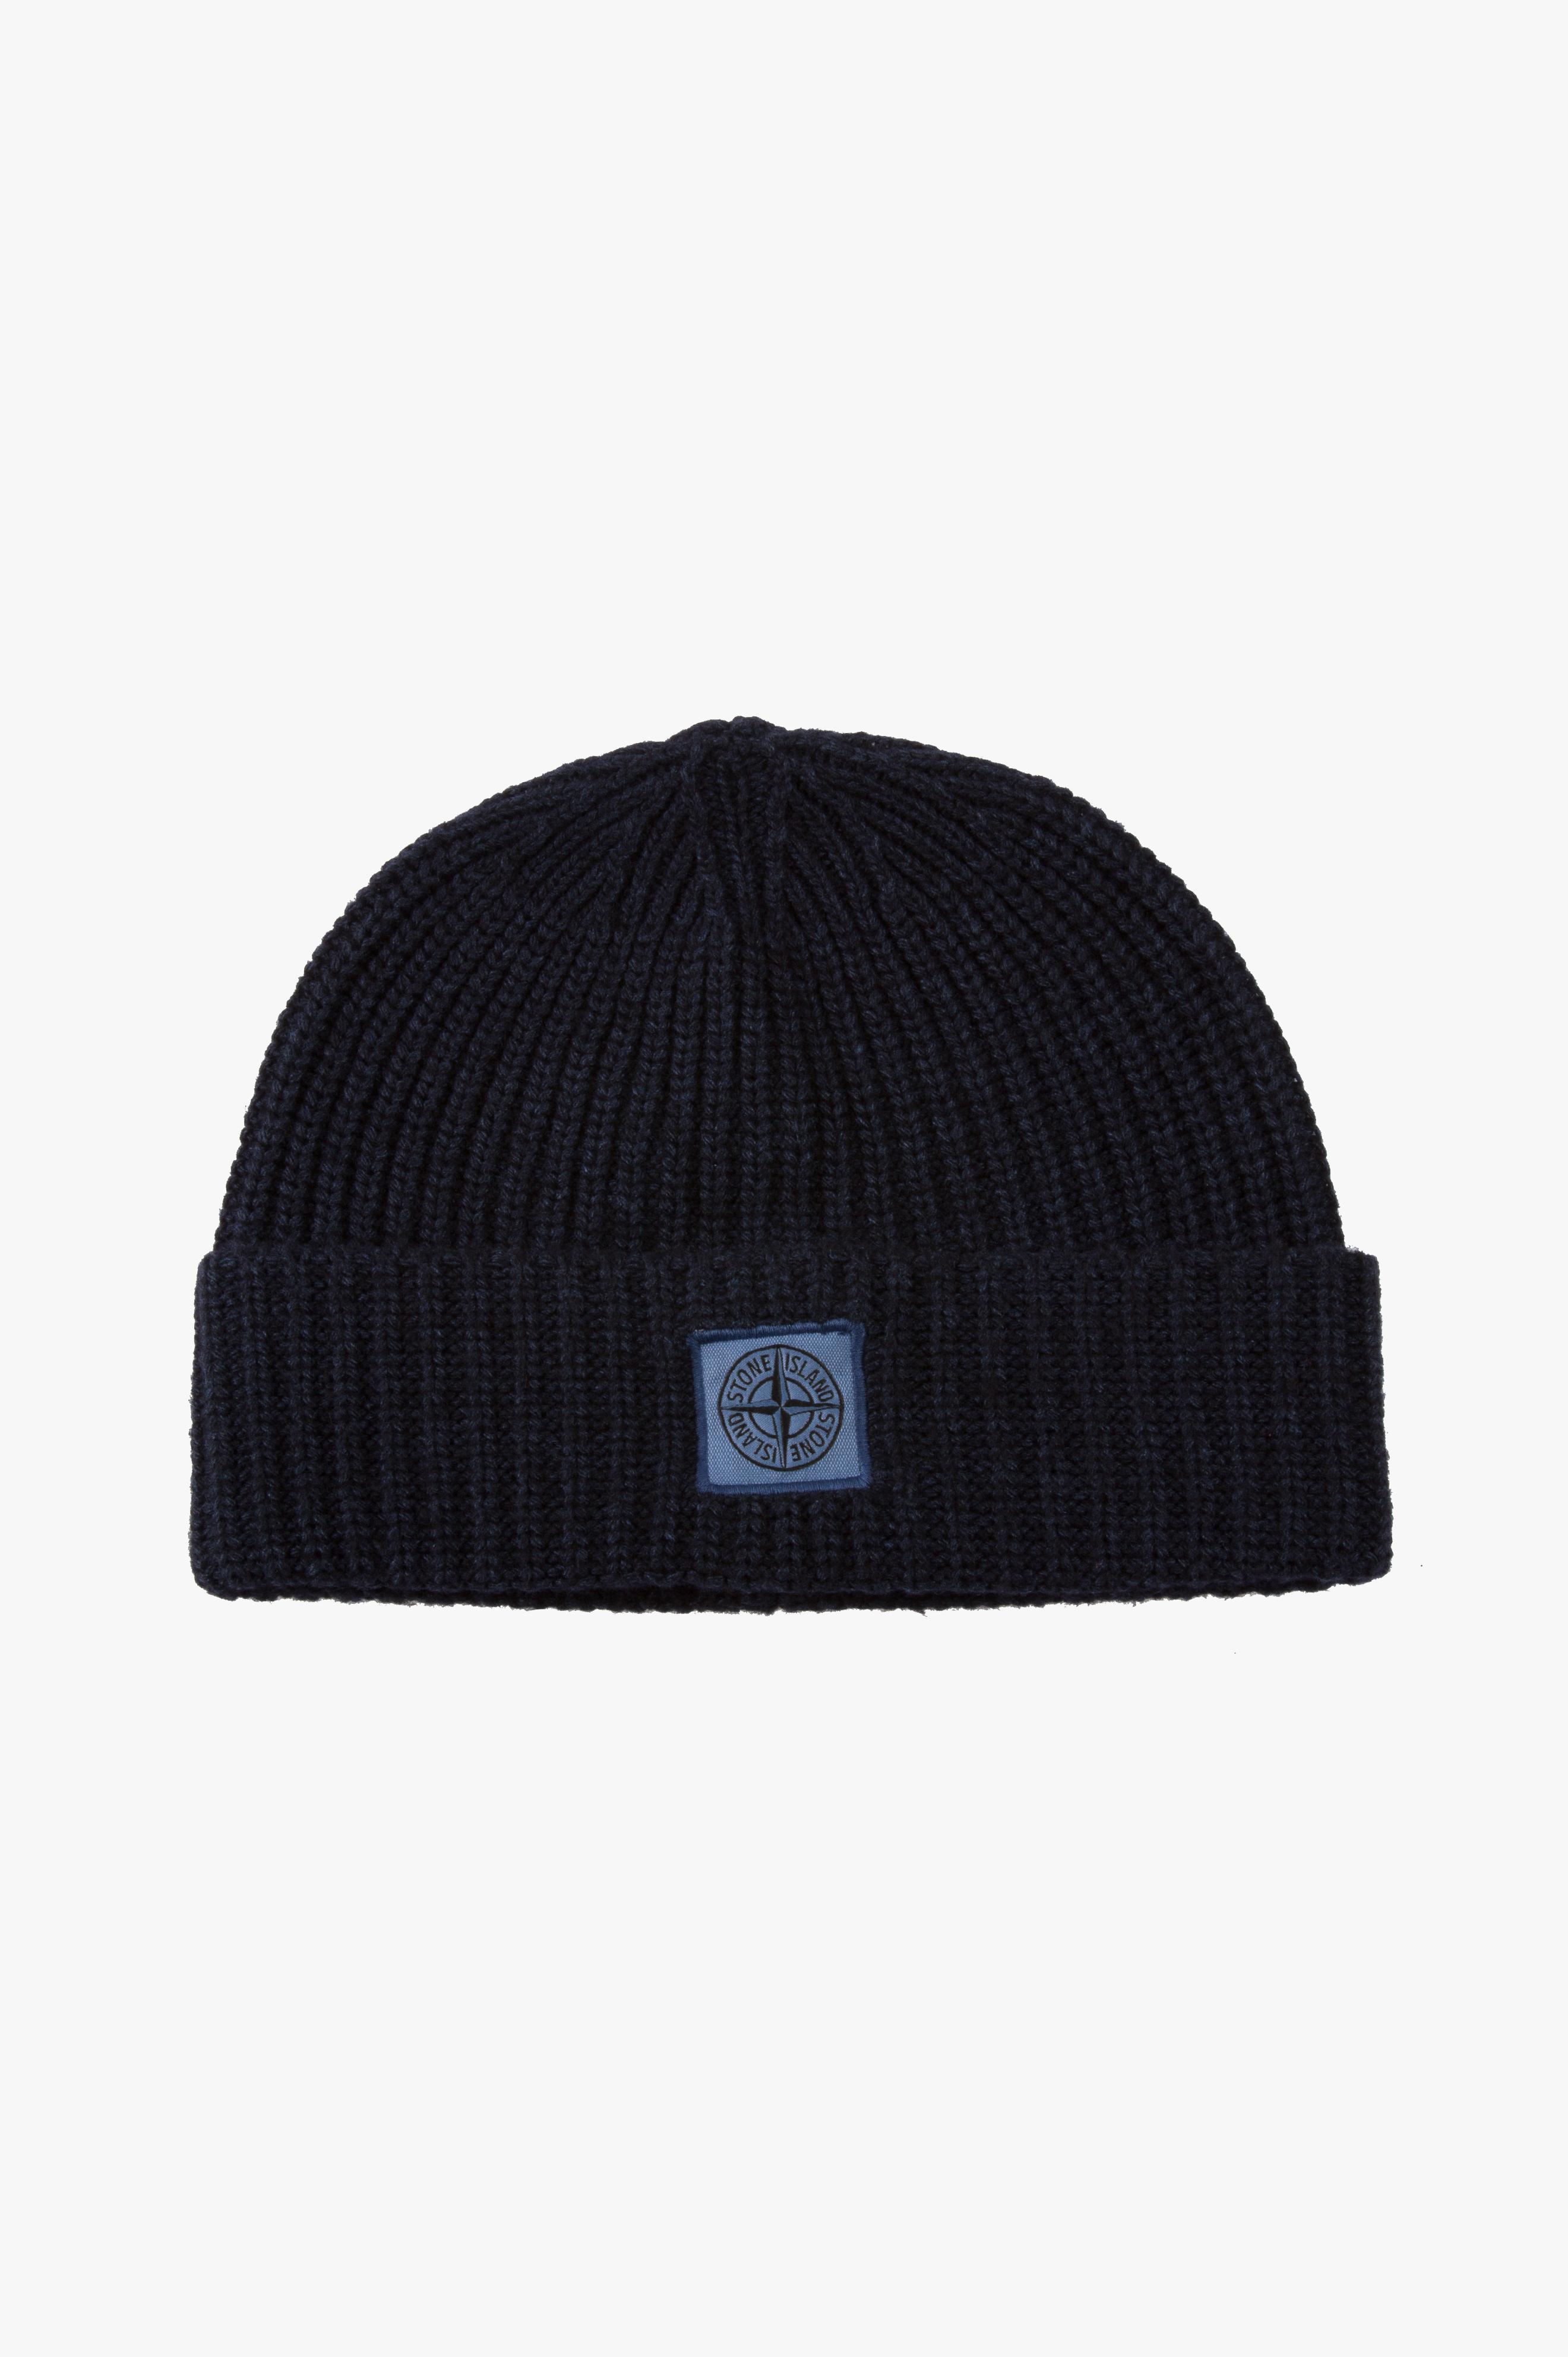 Wool / Cashmere Hat Marine Blue